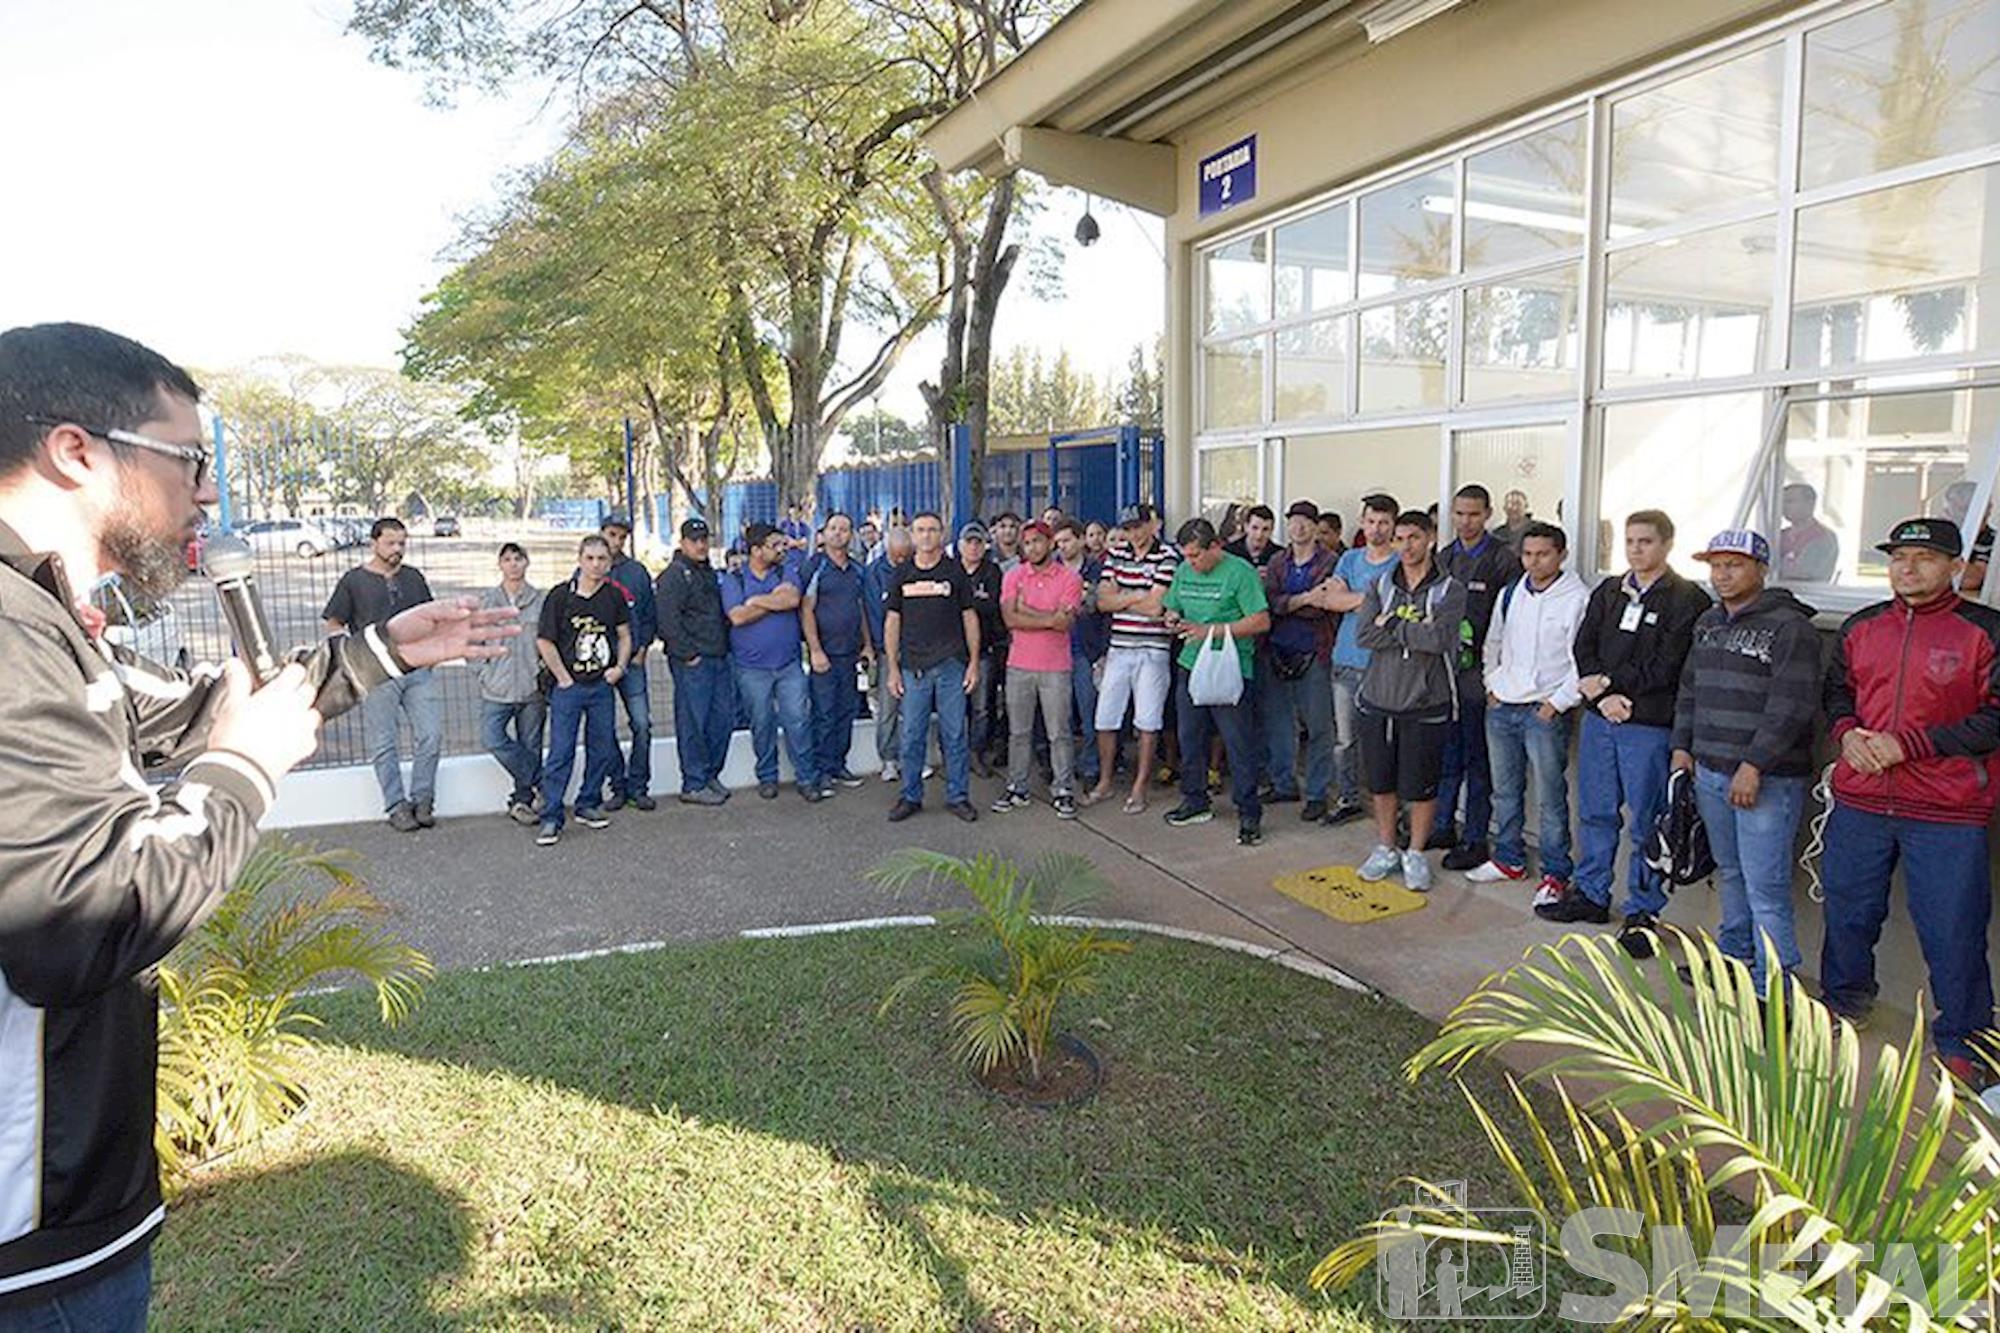 Moto Peças, campanha,  salarial,  assembleia, Foguinho e Paulo Rogério / Imprensa SMetal, Metalúrgicos se unem em defesa da Convenção